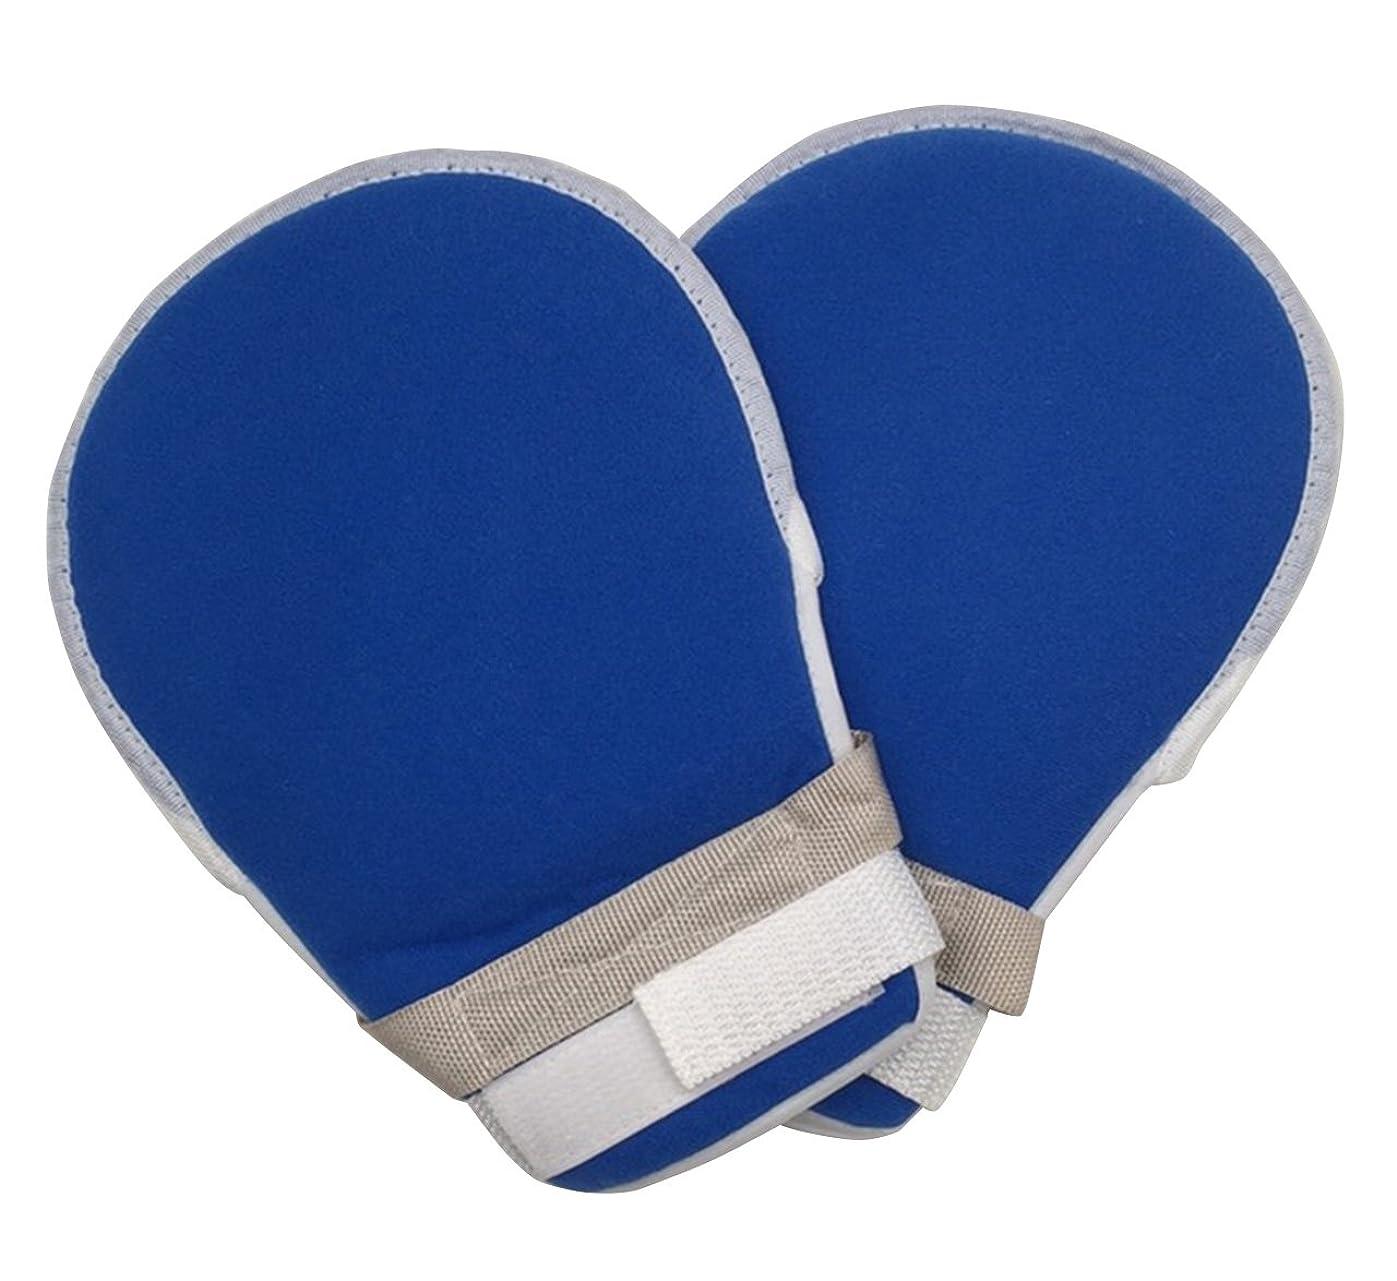 そっと装置他にZERONOWA 介護ミトン メッシュ素材 介護手袋 軽量 自傷 ひっかき 防止 (ひも付き2枚)